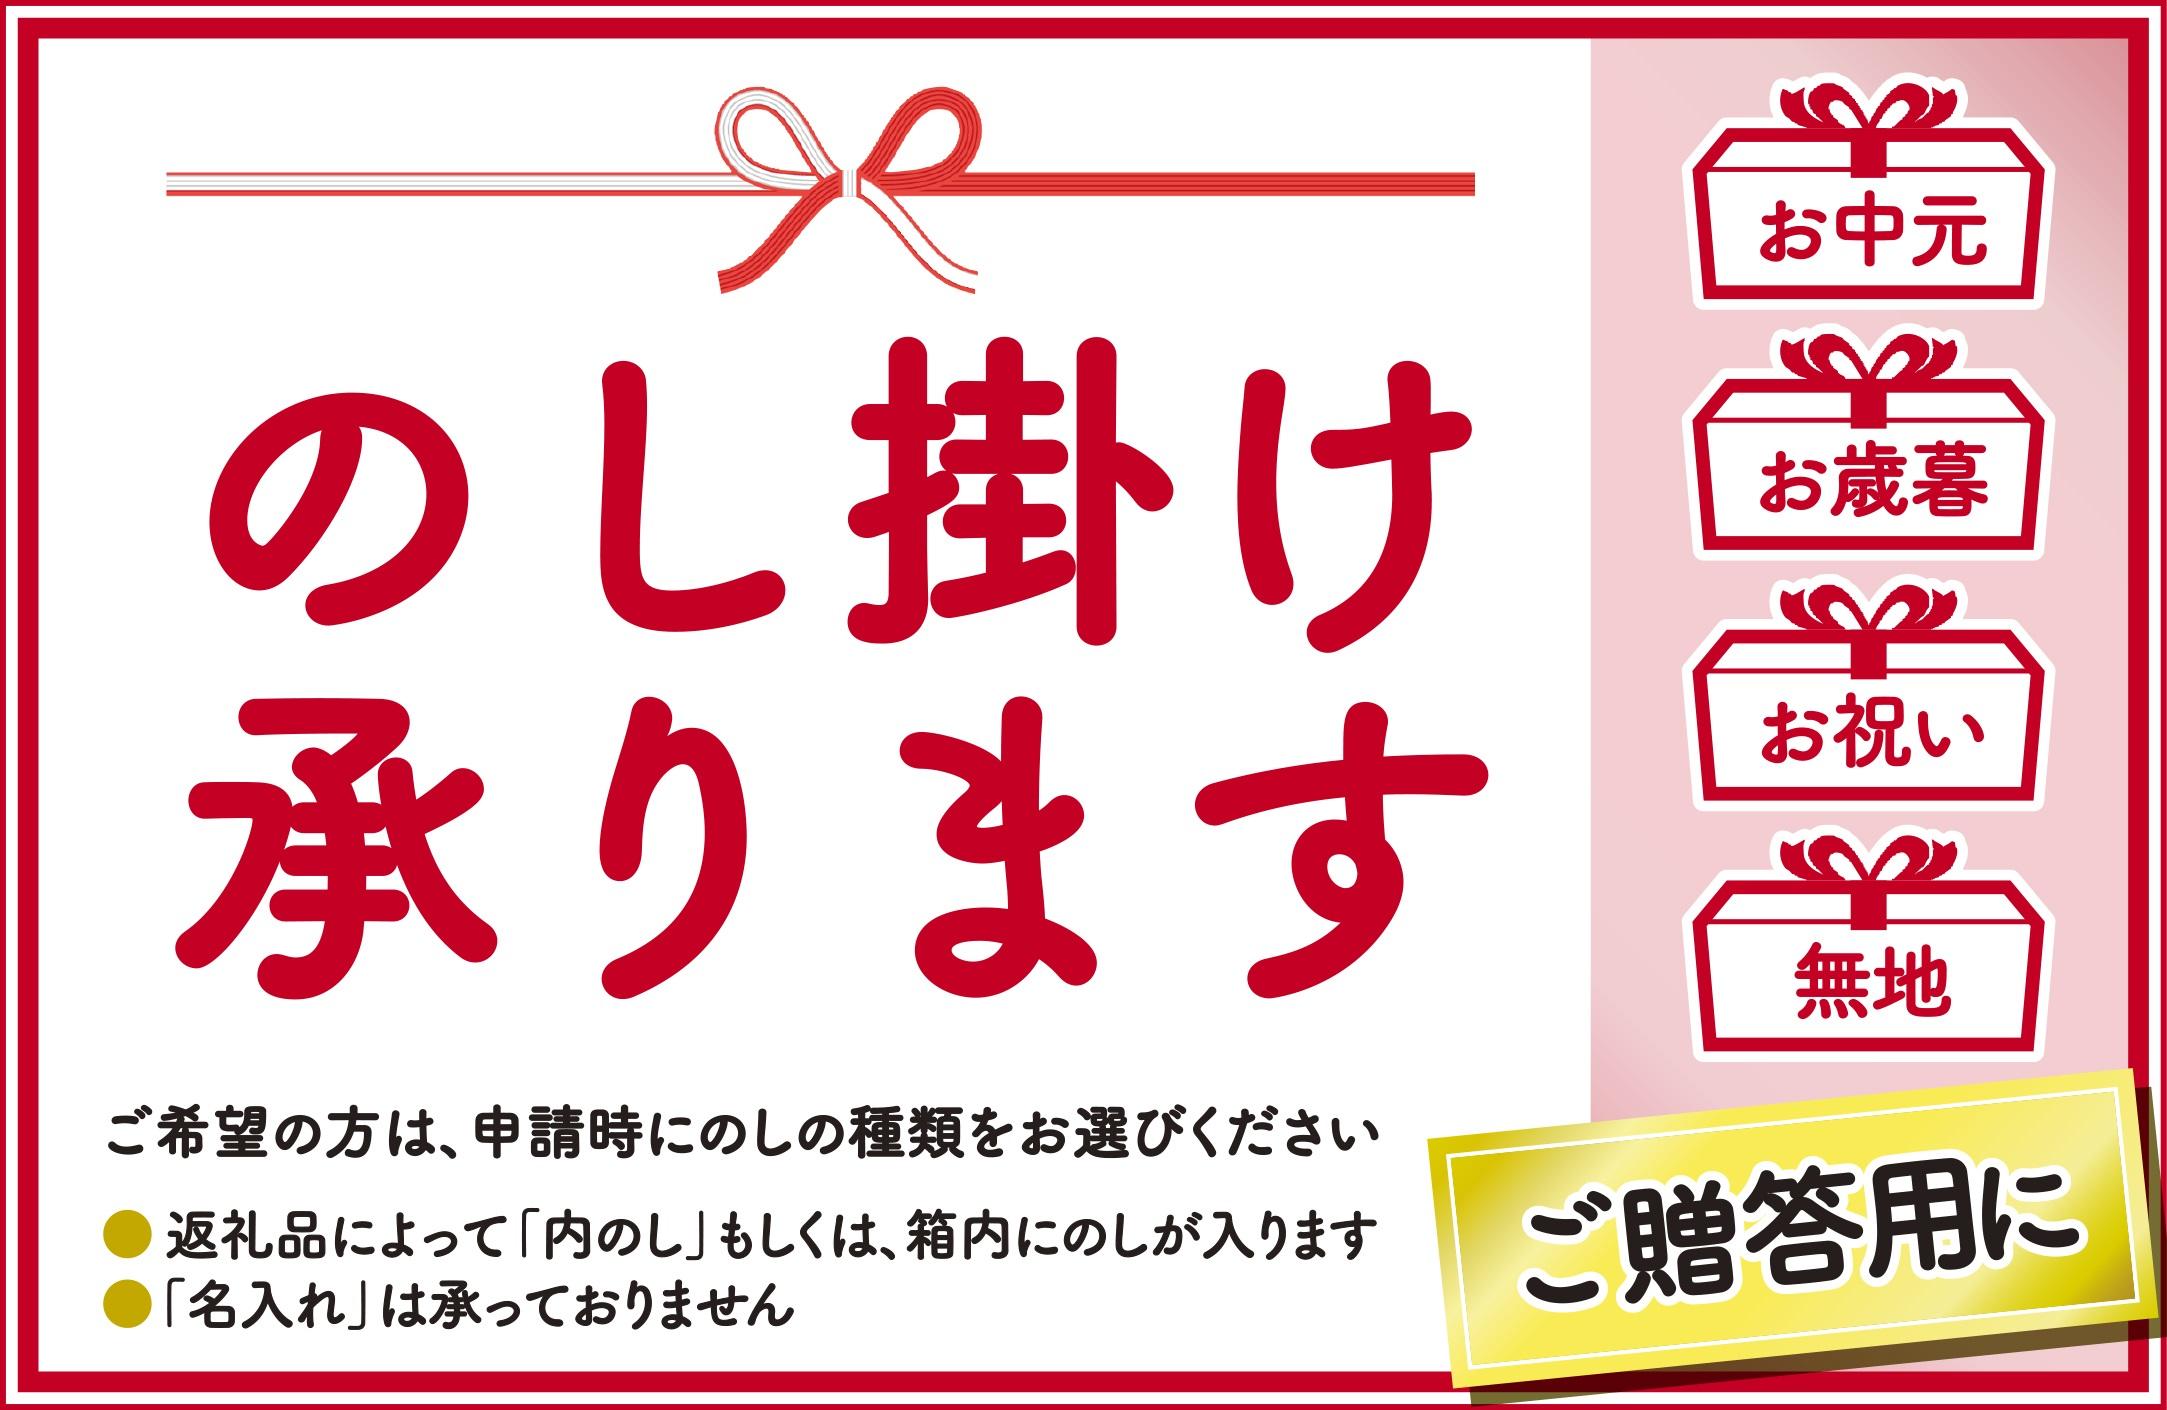 【新型コロナ被害支援】いくら醤油漬(鱒卵)【1kg(250g×2×2)】(22,000円)